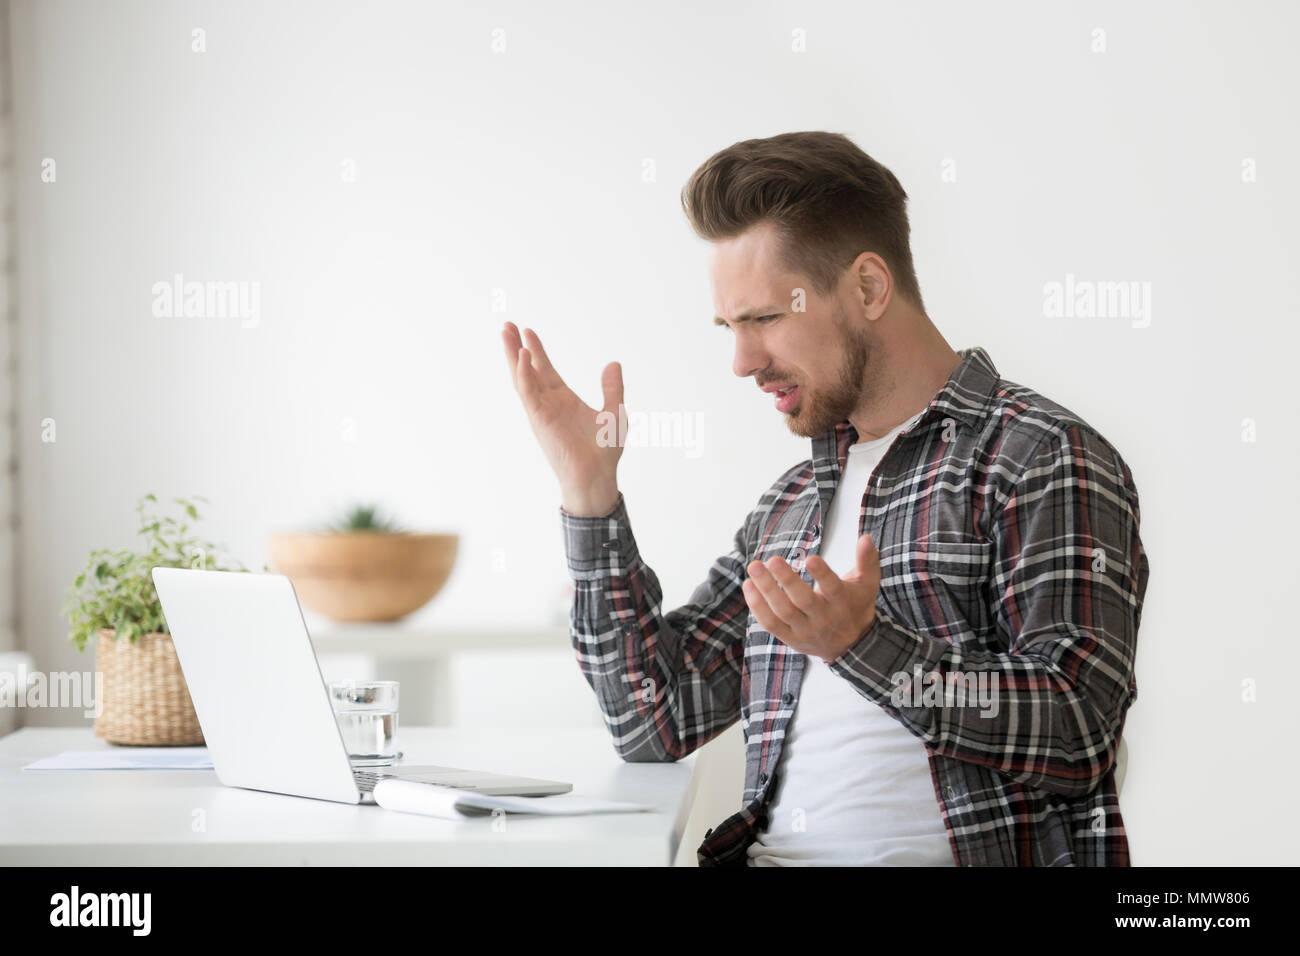 Confuso angry man frustrati dal problema online, odio lapt bloccato Immagini Stock